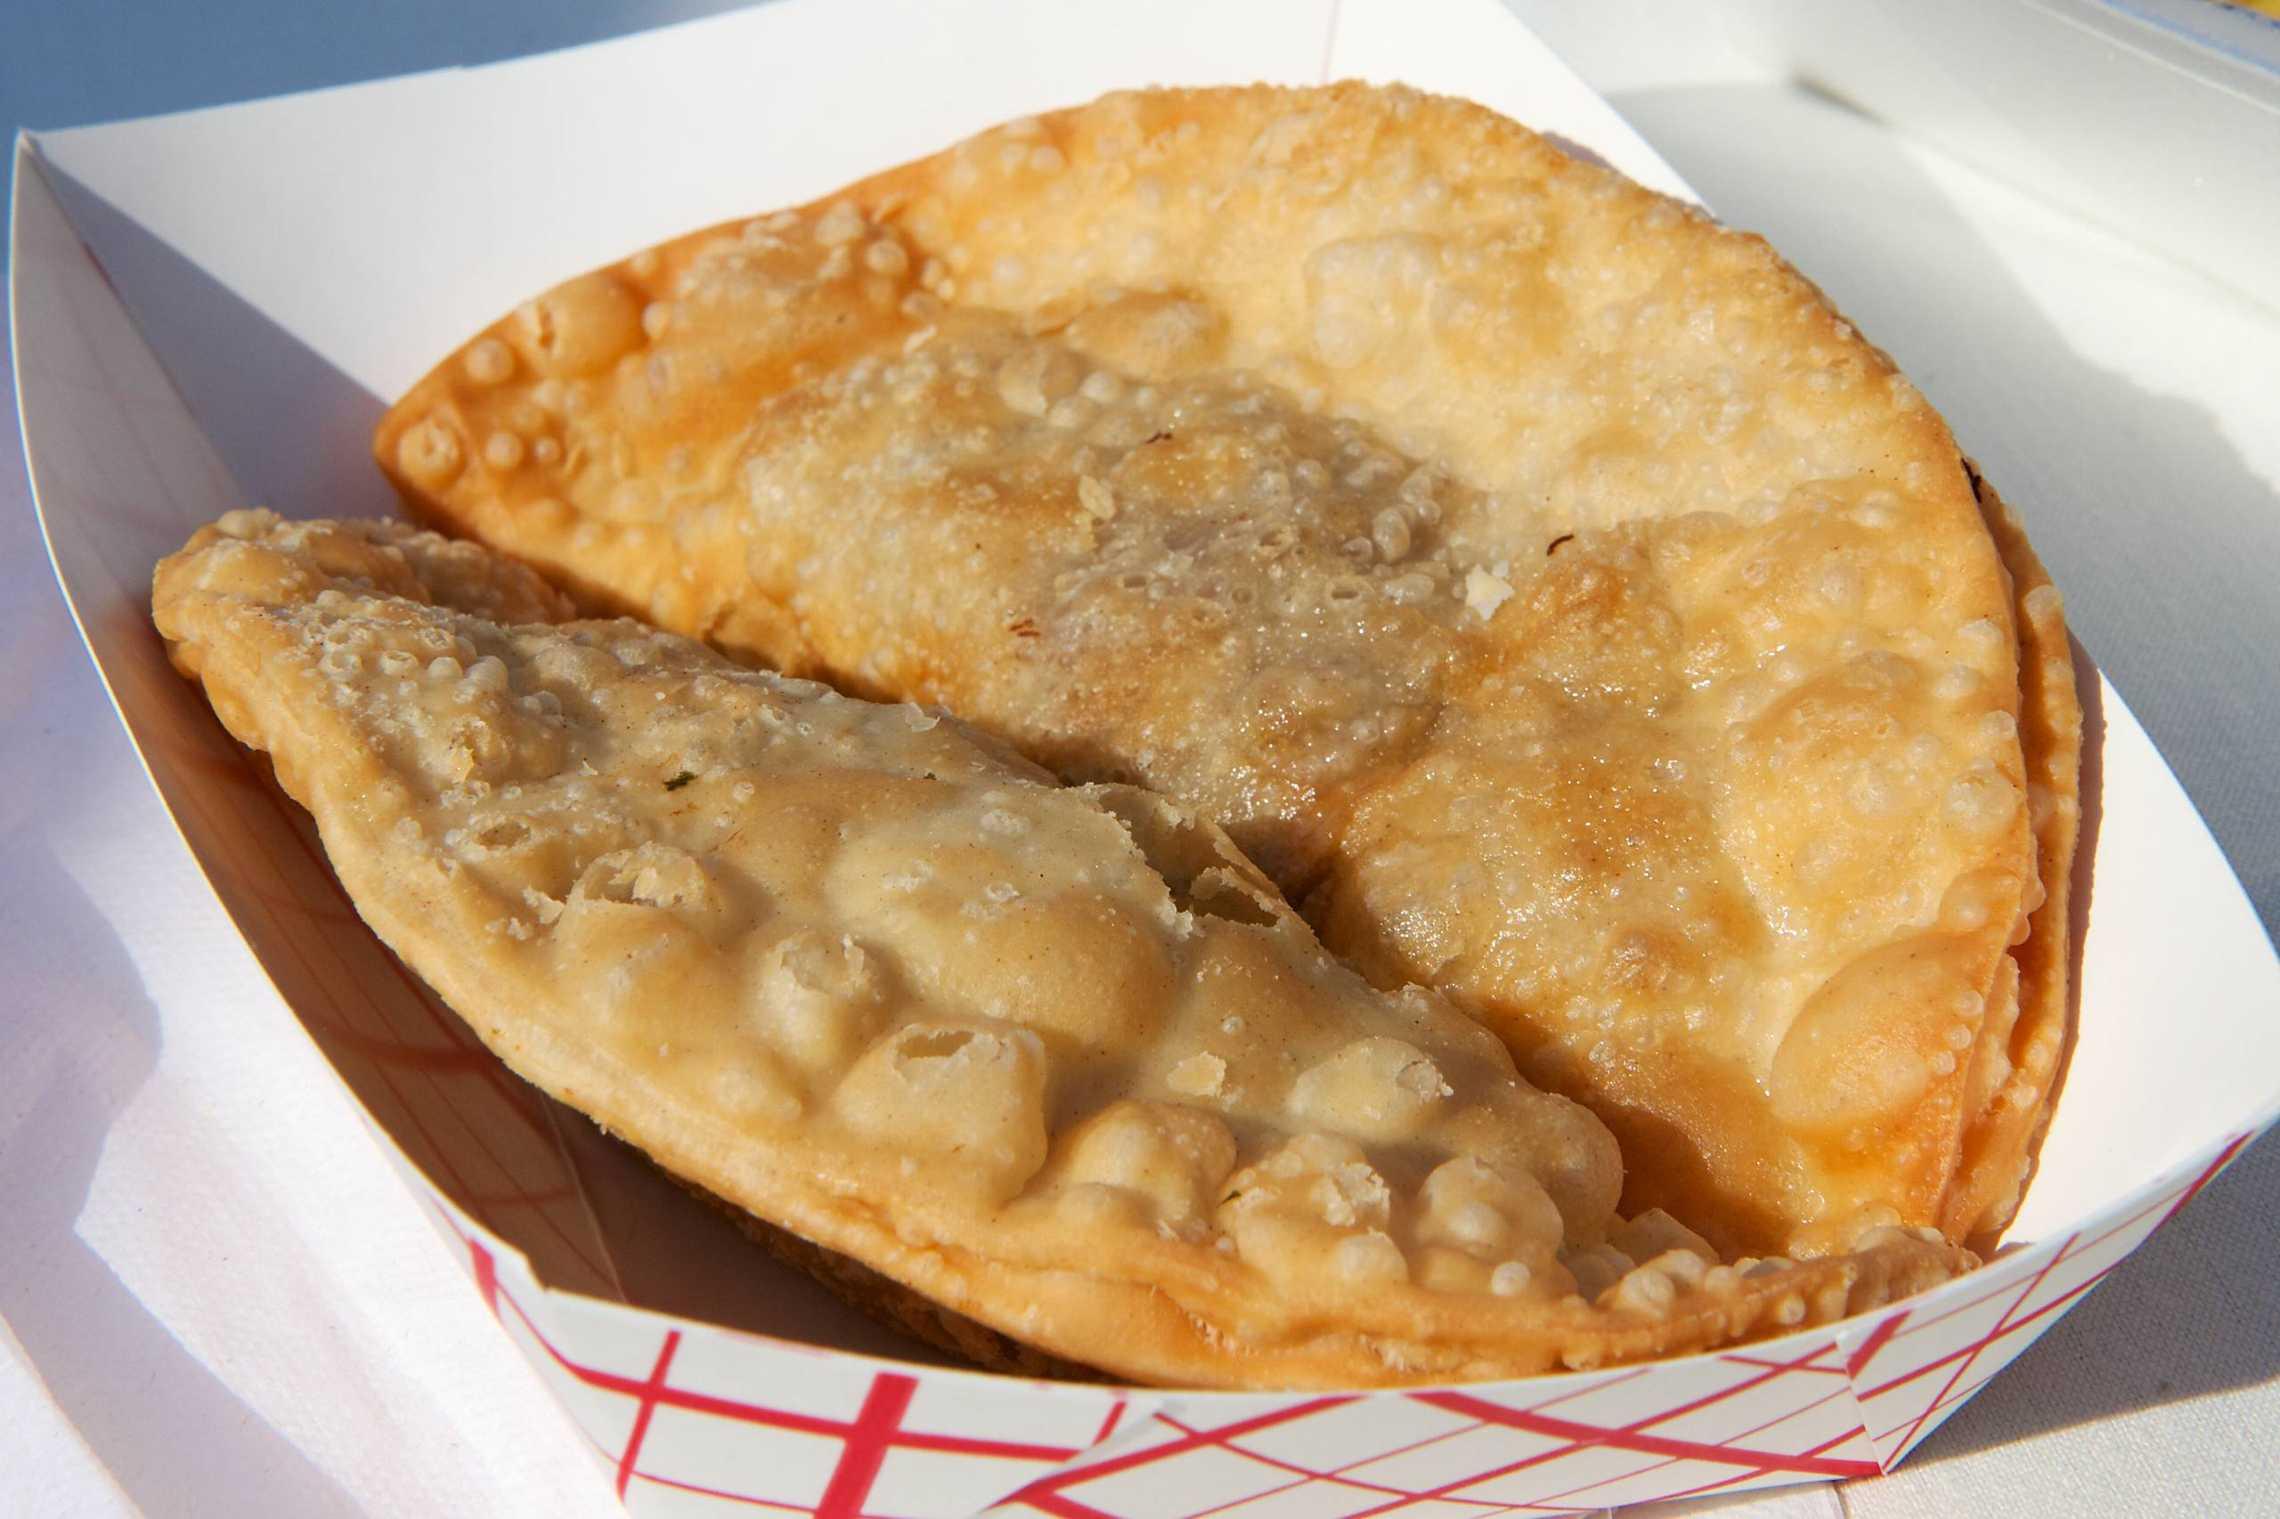 La Empanada dish